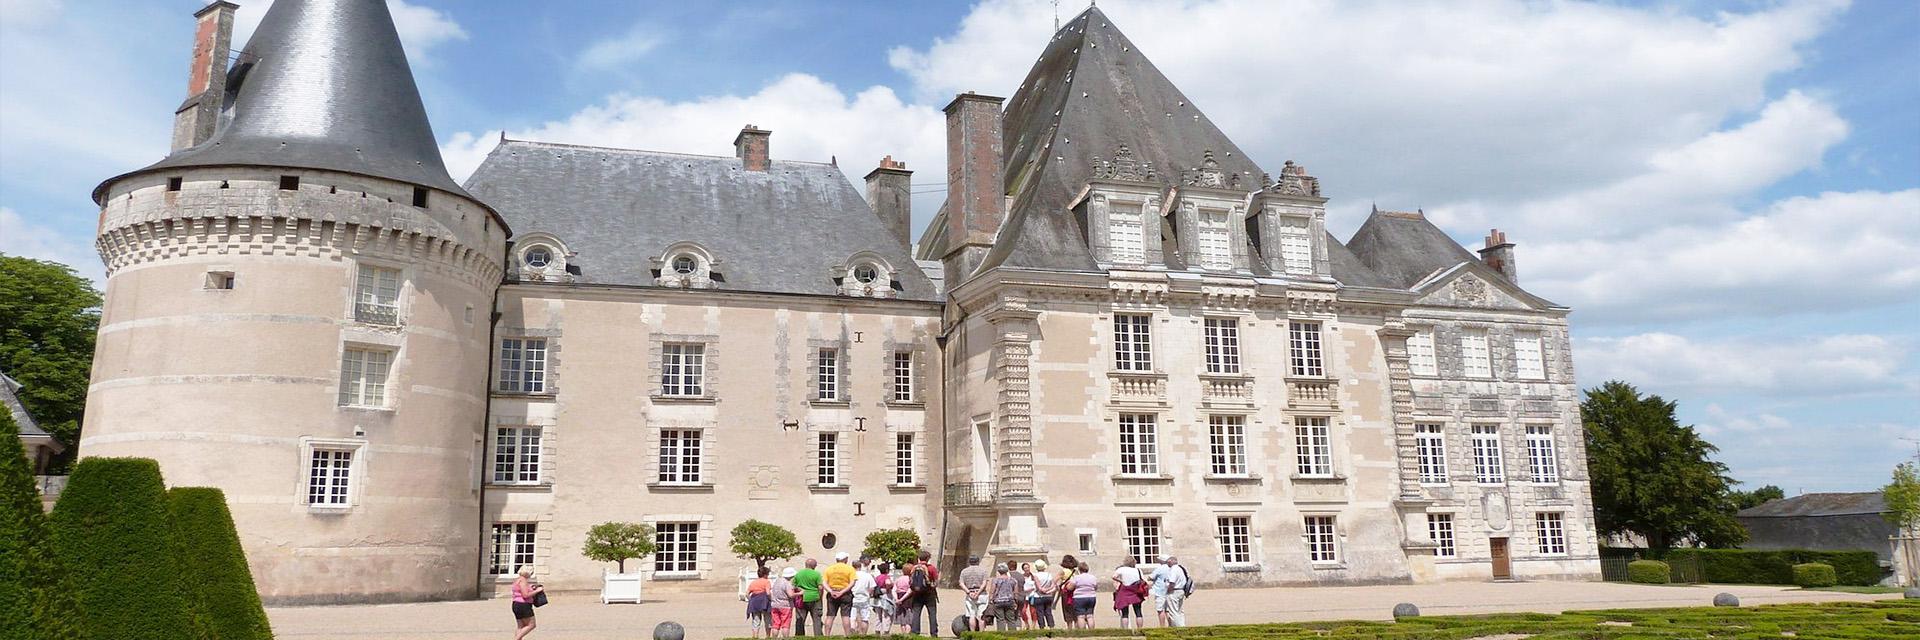 Village_club_vacances_centre-loire-et-bourgogne-domainde-de-bellebouche-chateau